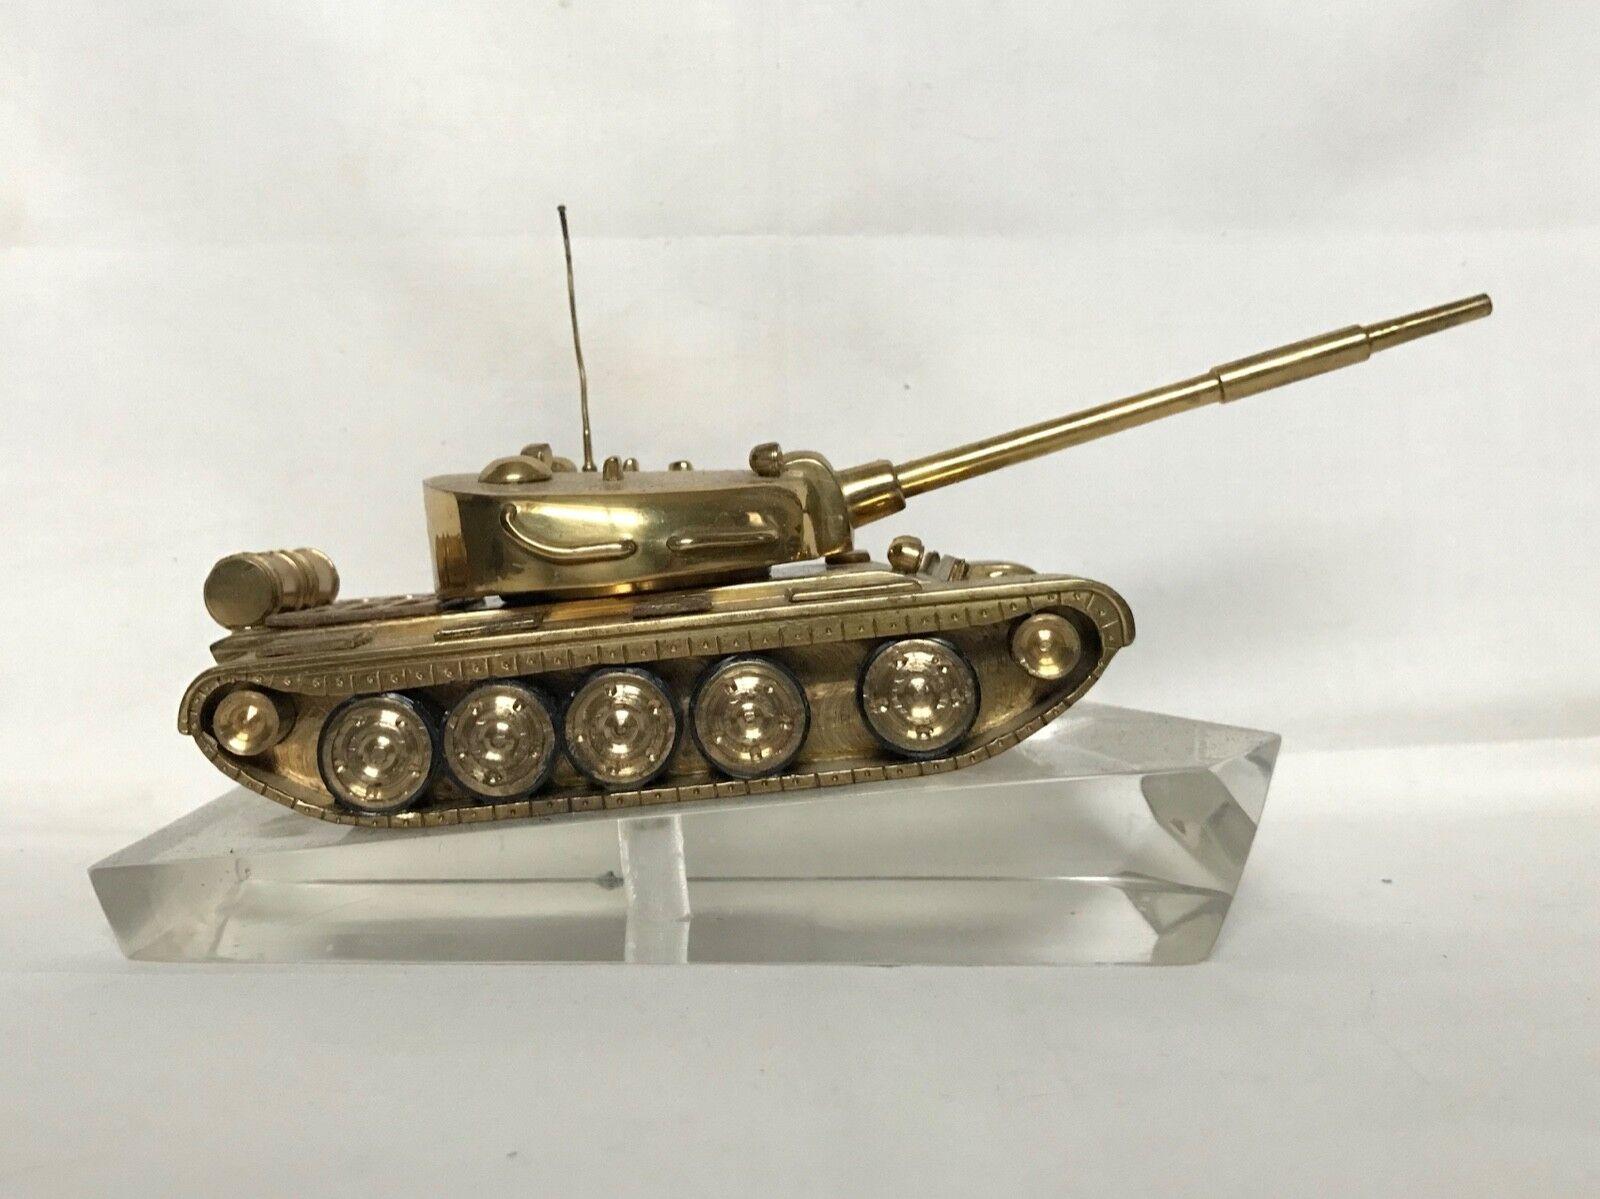 Escritorio De Metal Vintage Top Model Militar Ejército Tanque